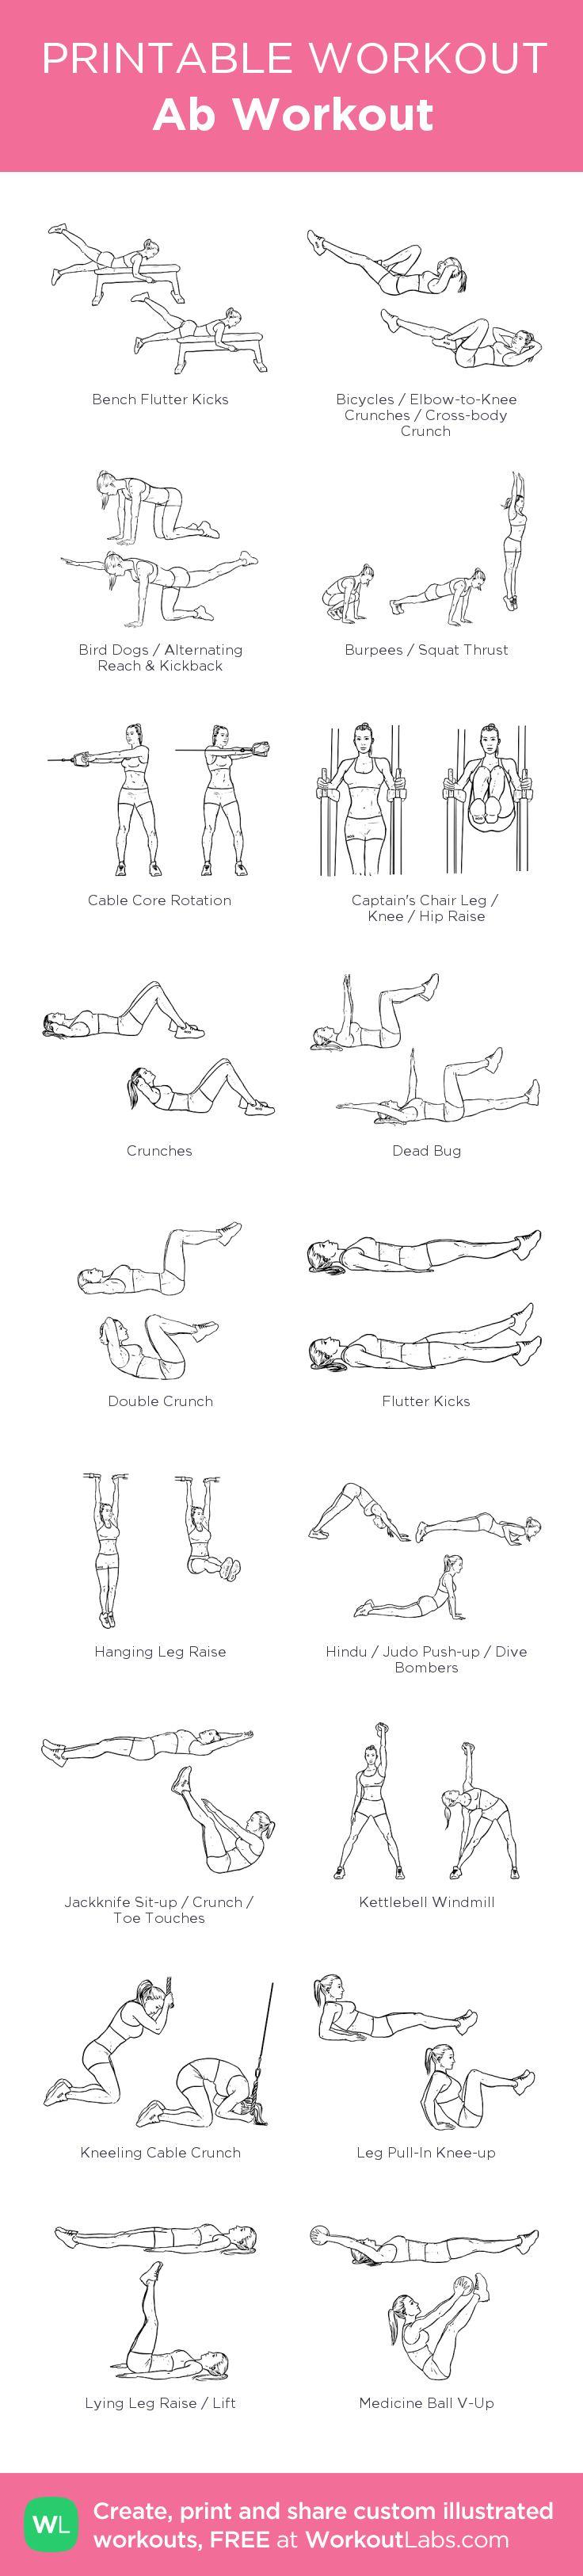 18 best Yoga Meditation Workout images on Pinterest